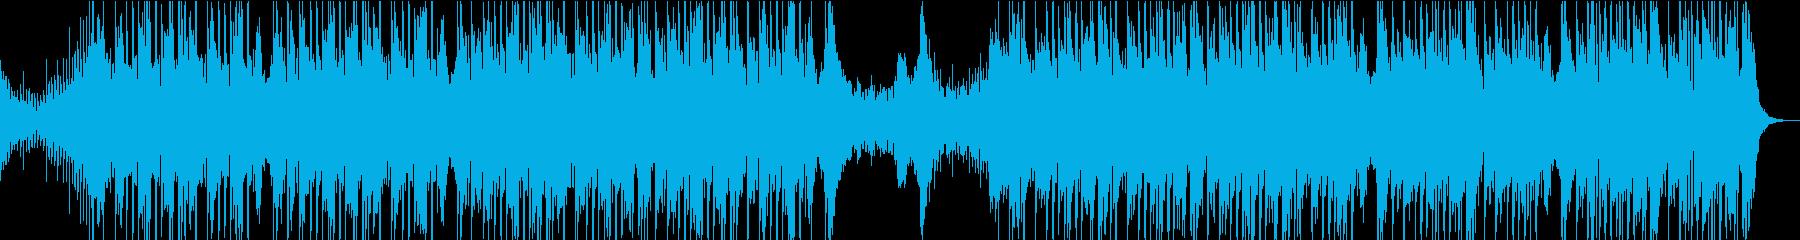 ダークな雰囲気のダブステップの再生済みの波形